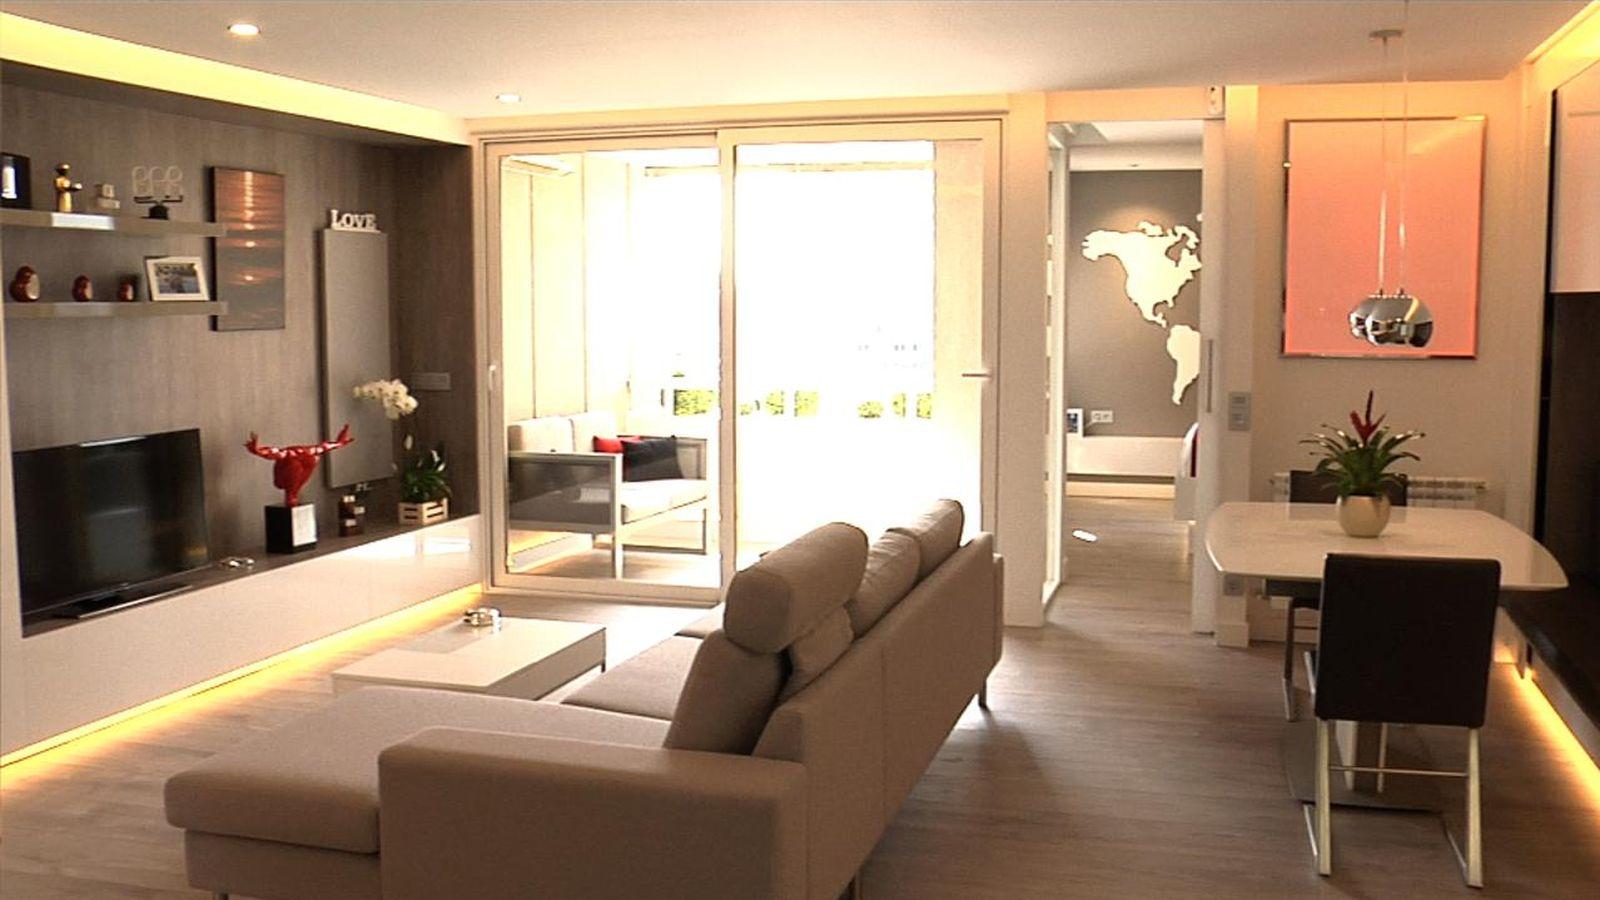 Comprar casa un 10 m s barato invertir en la for Remodelacion de casas pequenas fotos